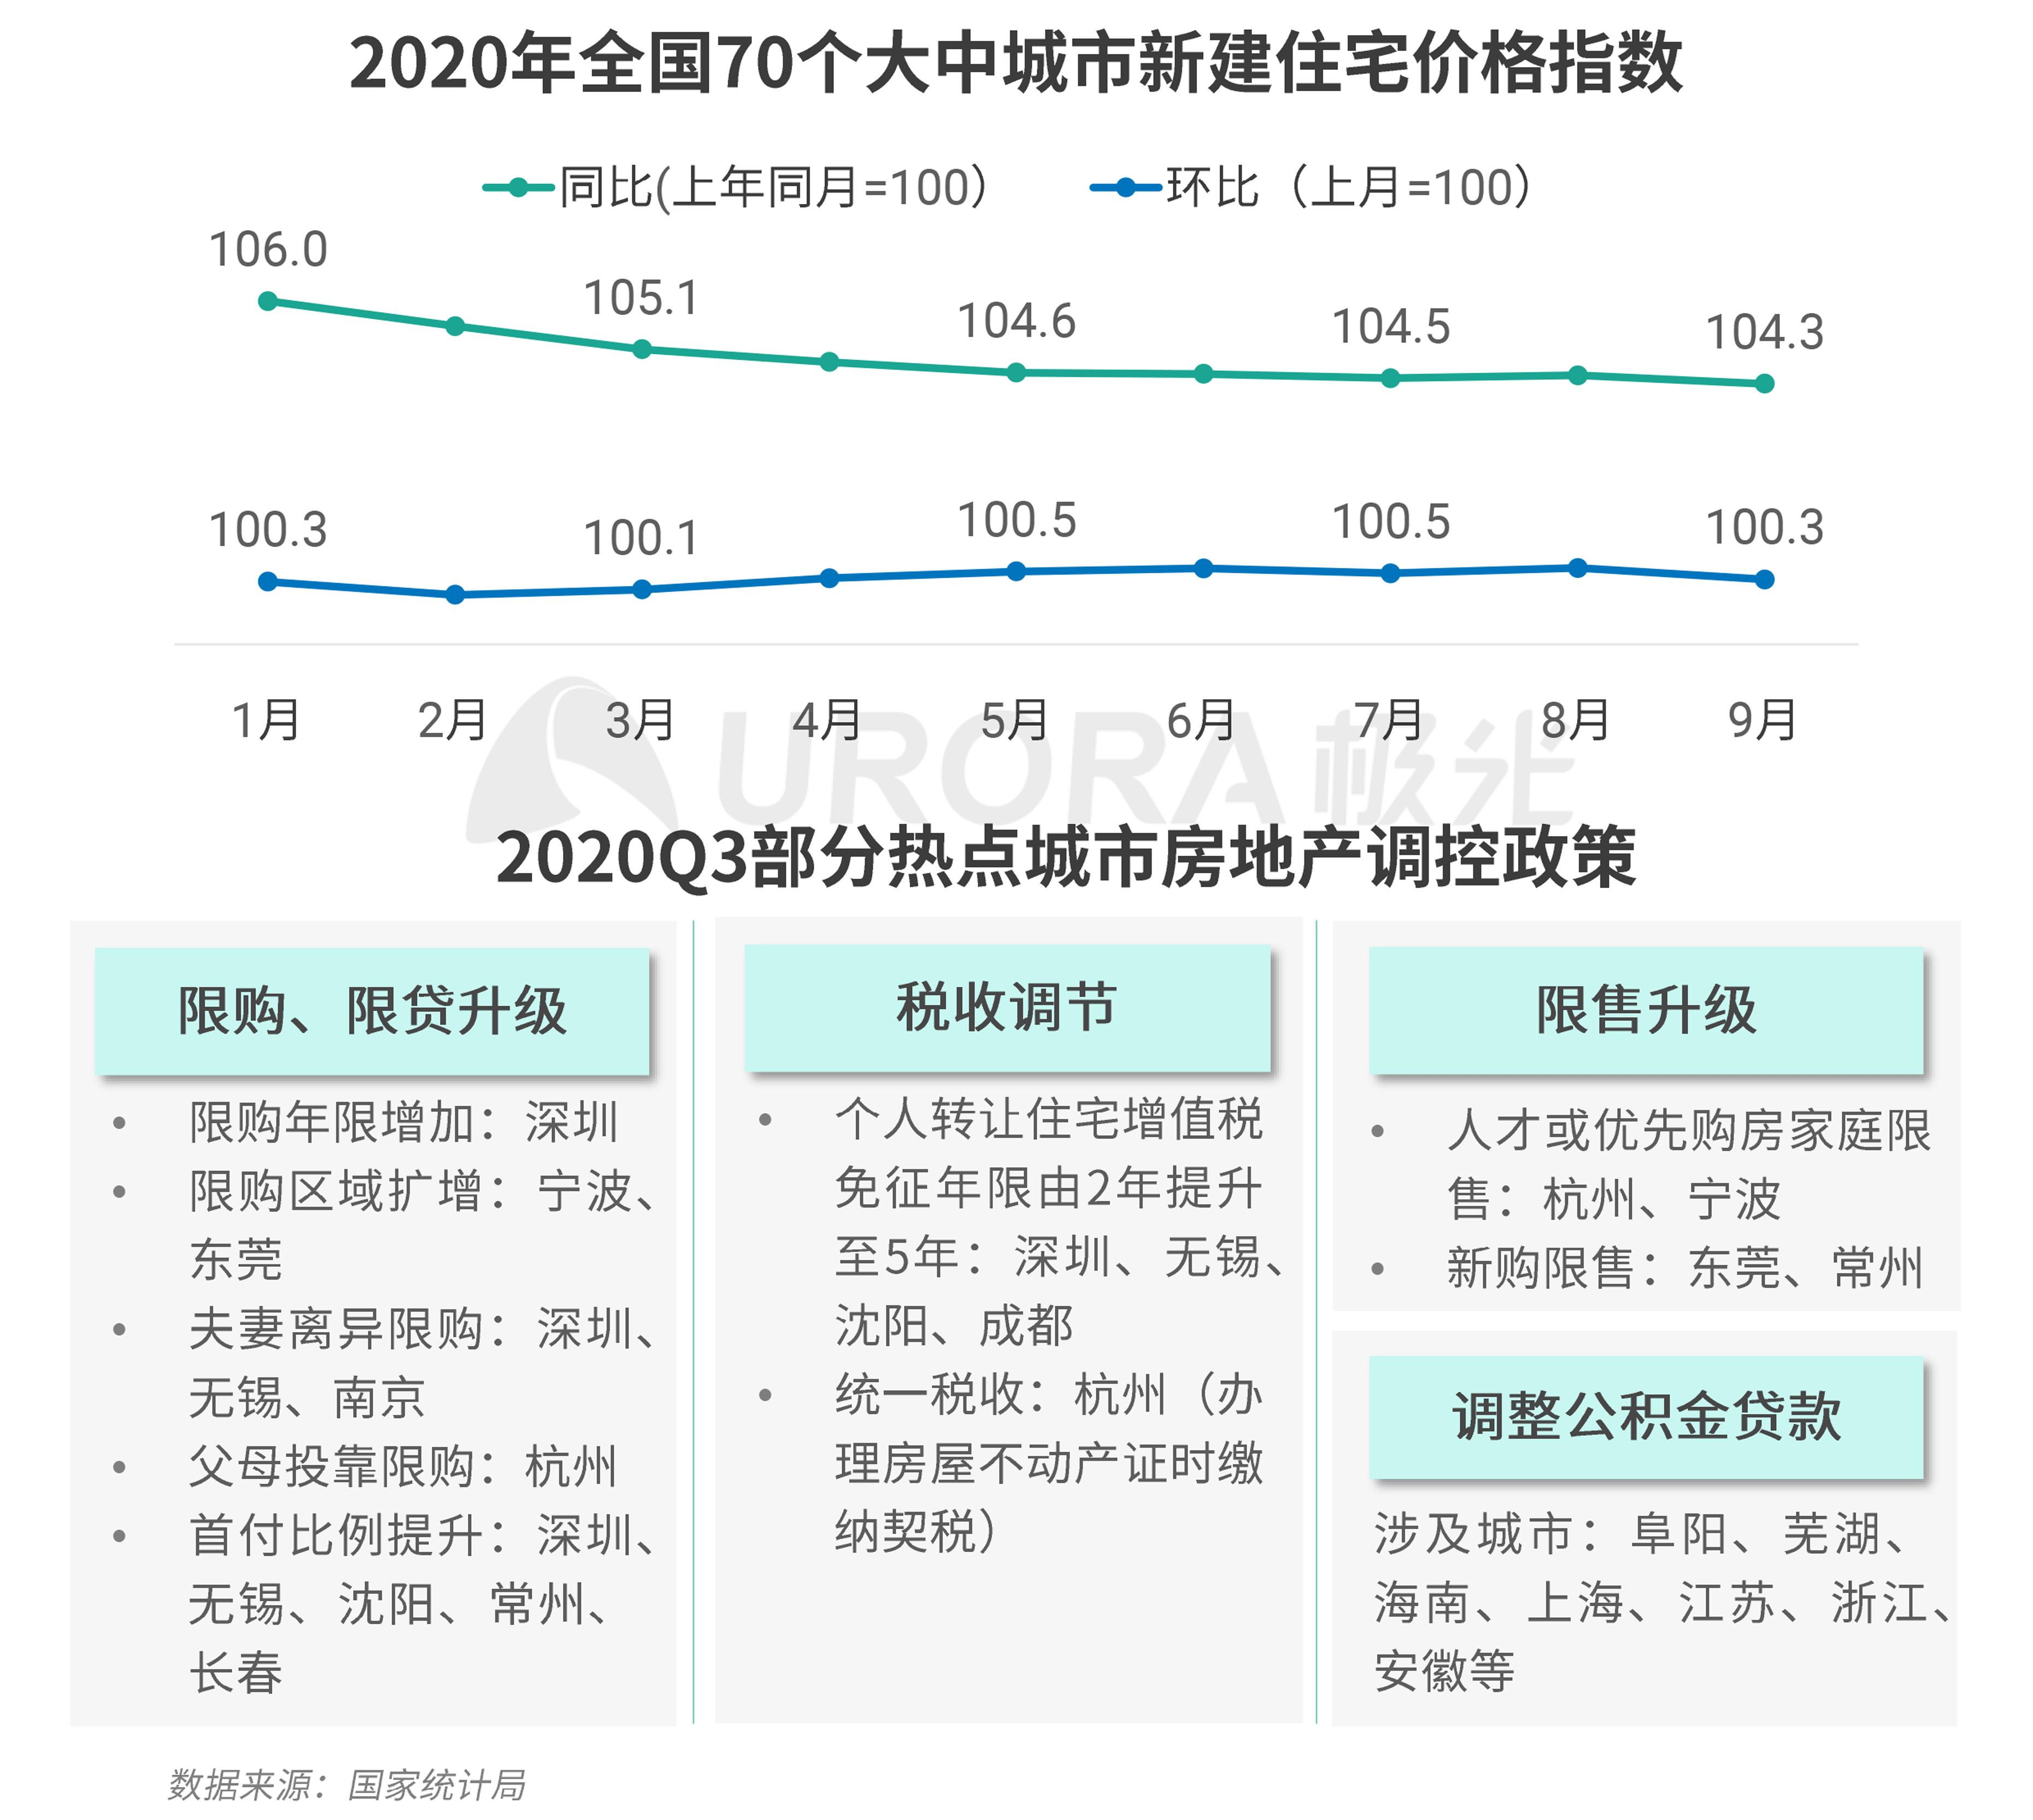 极光:数字经济新时代,房产平台新机遇 (3).png